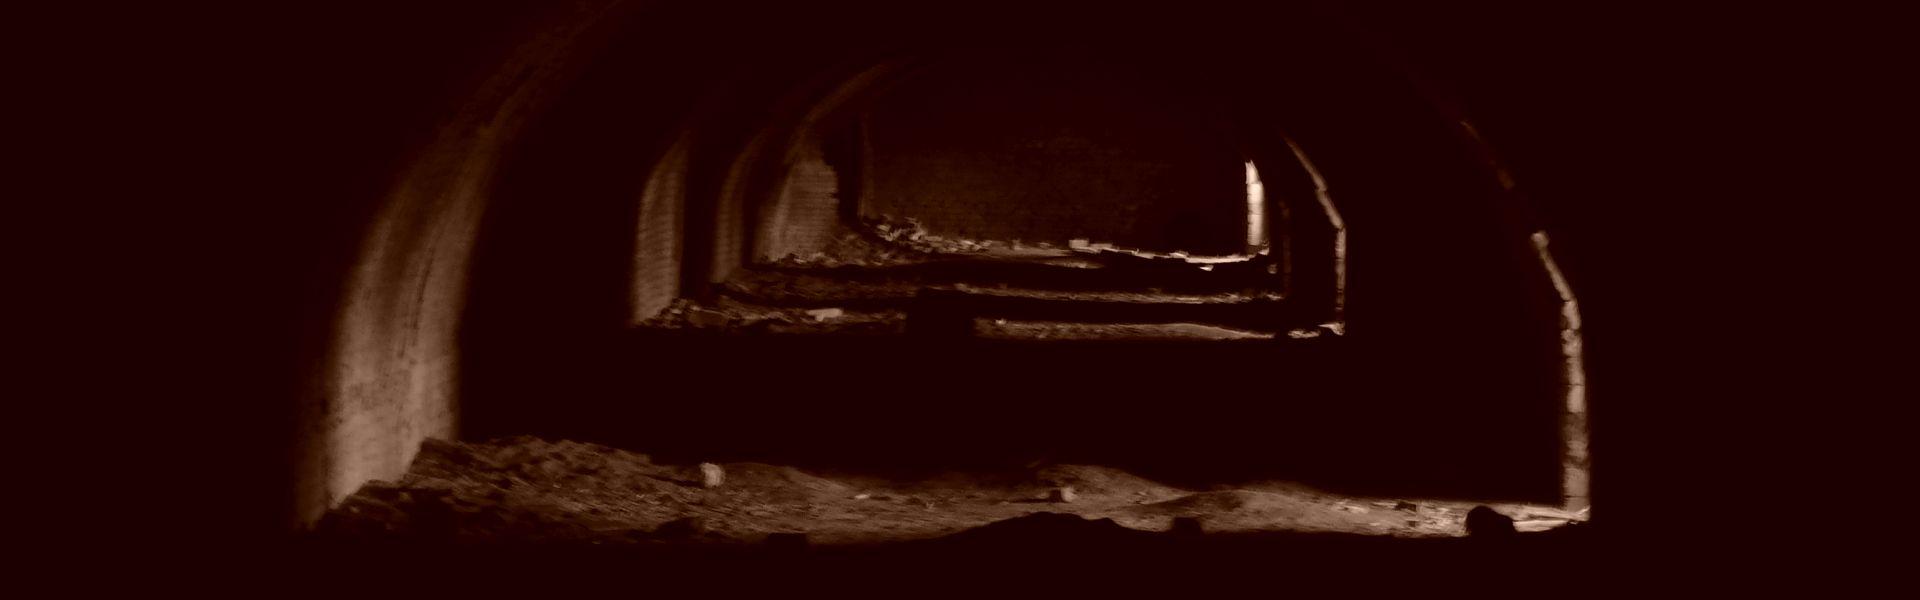 Donkere gewelven bij het versje 'Dapper' van Paul Schrijft